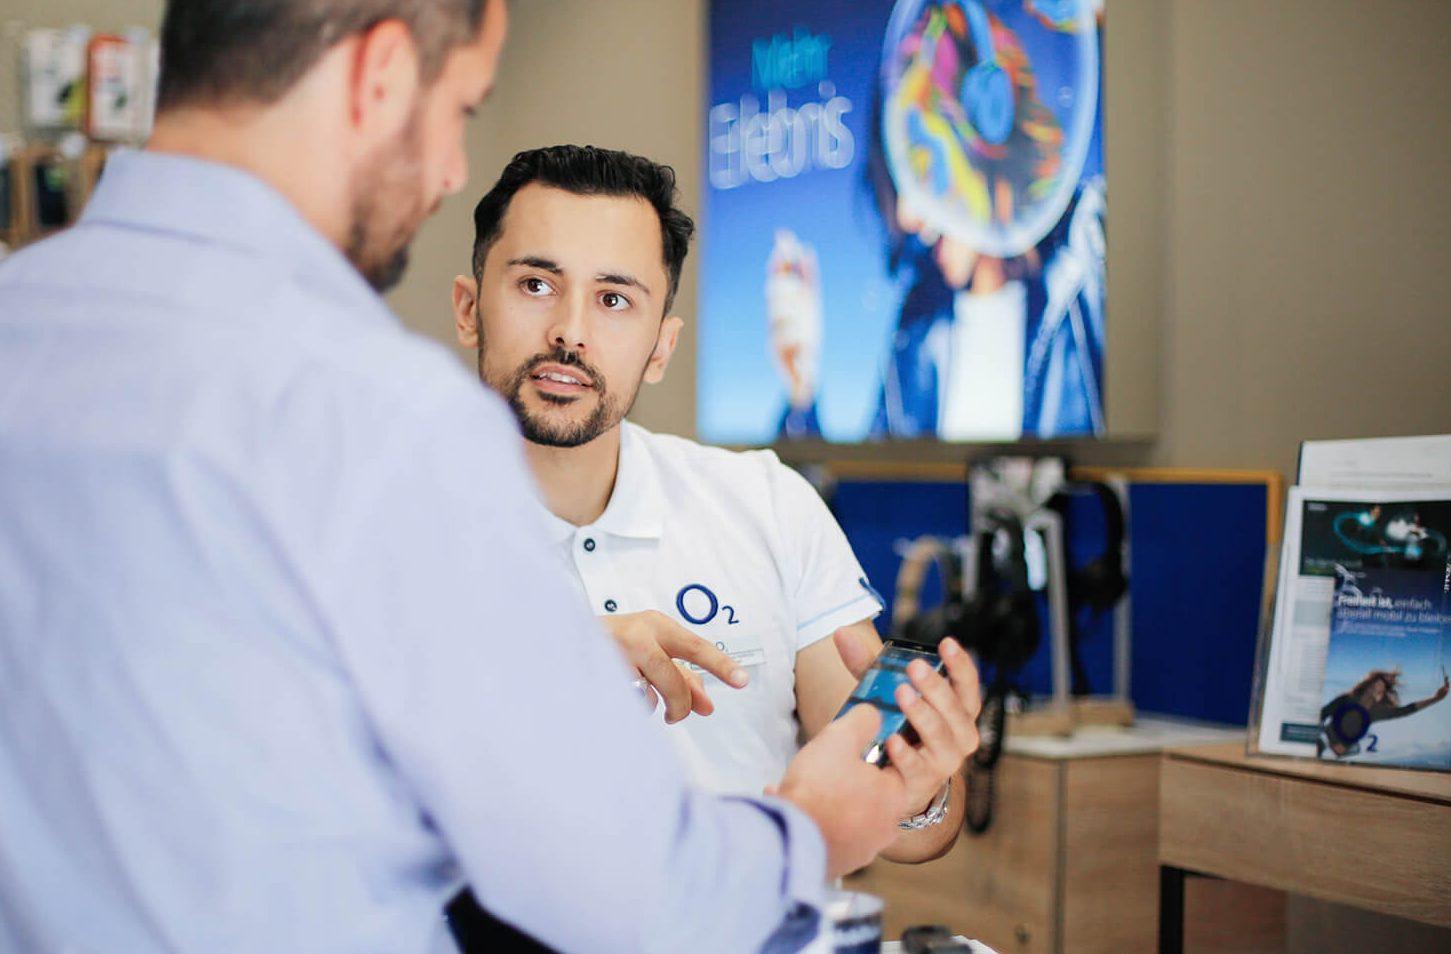 Zwei Männer stehen zusammen. Einer demonstriert ein Smartphone in einem Verkaufsgespräch